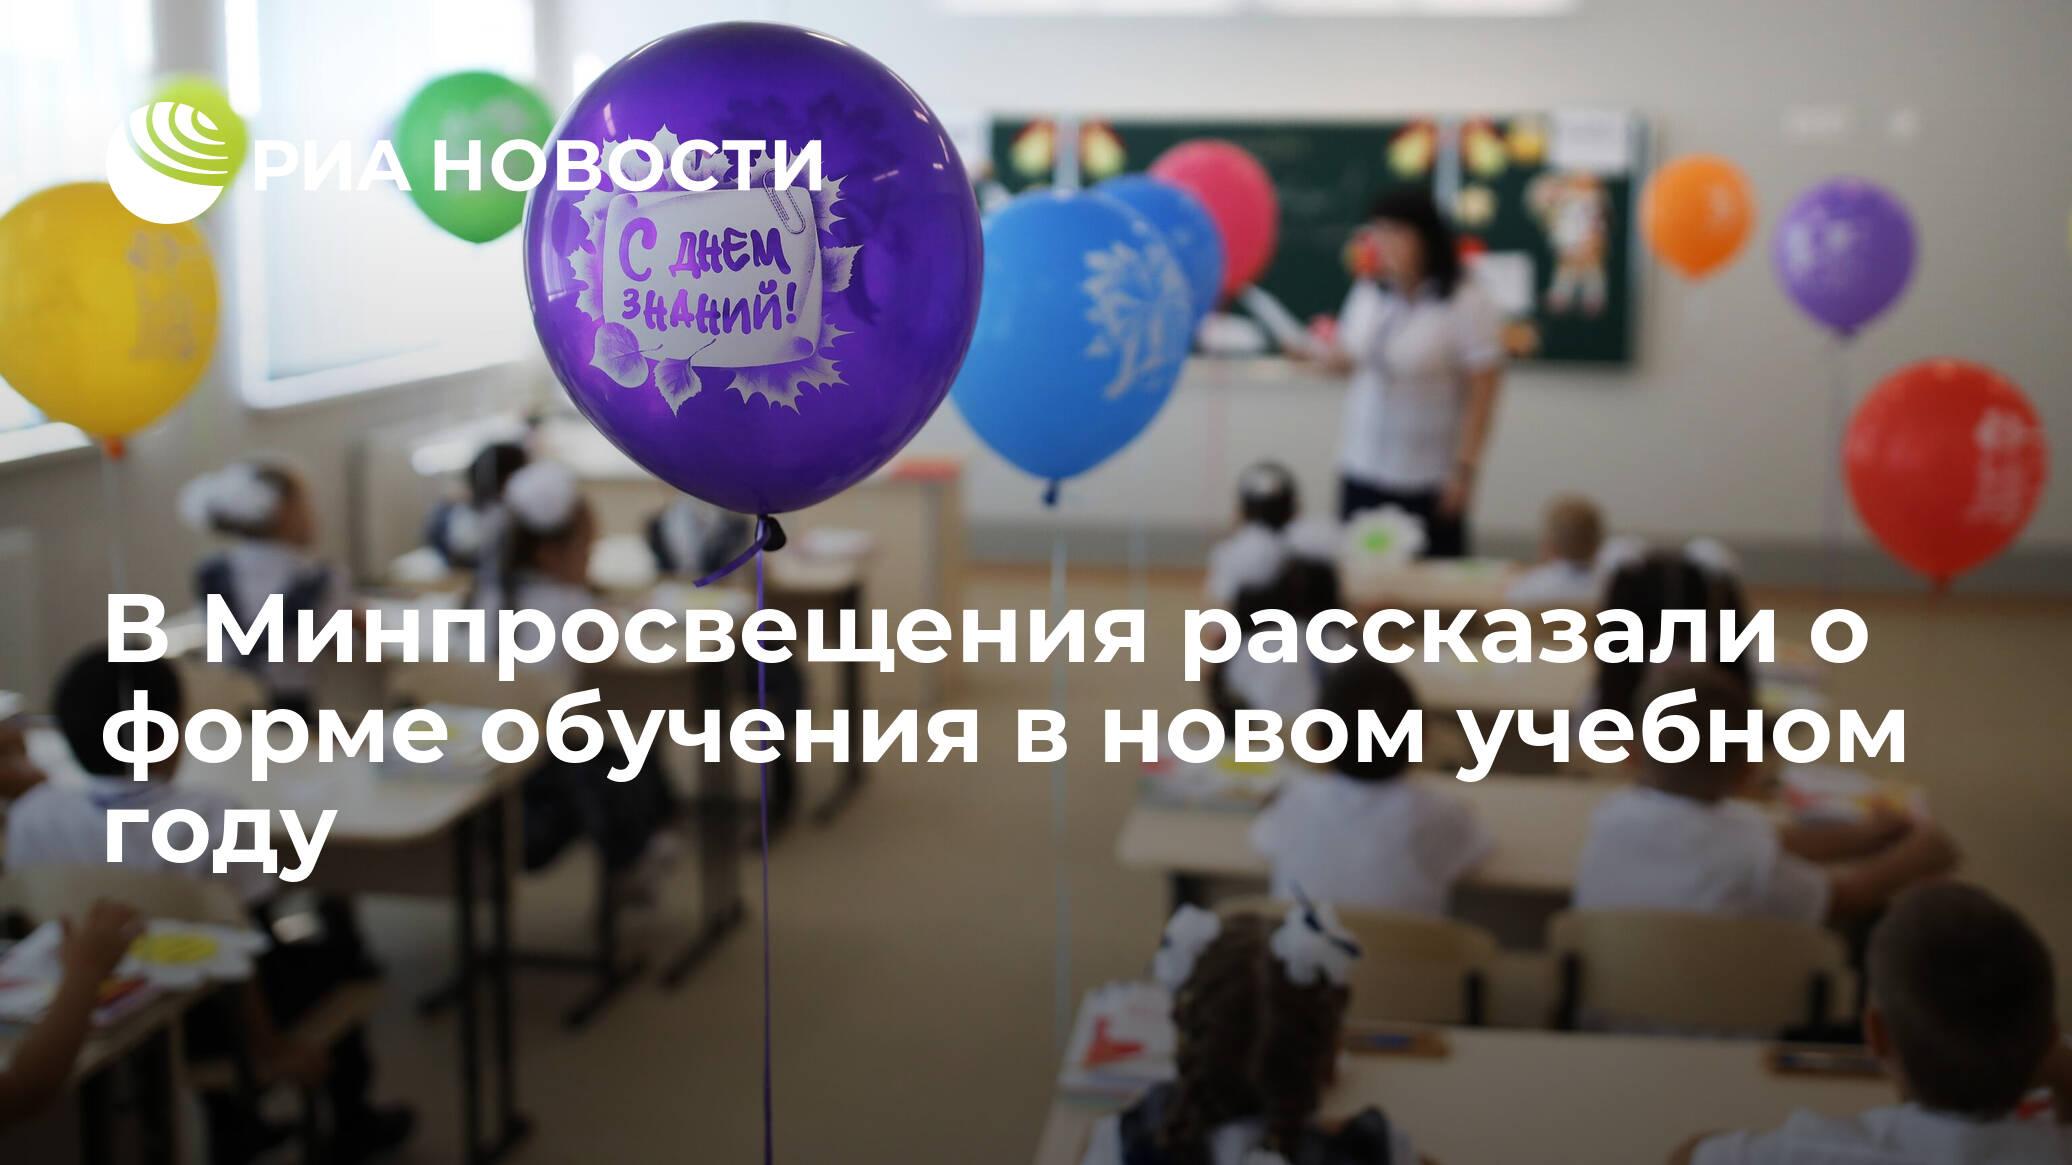 В Минпросвещения рассказали о форме обучения в новом учебном году